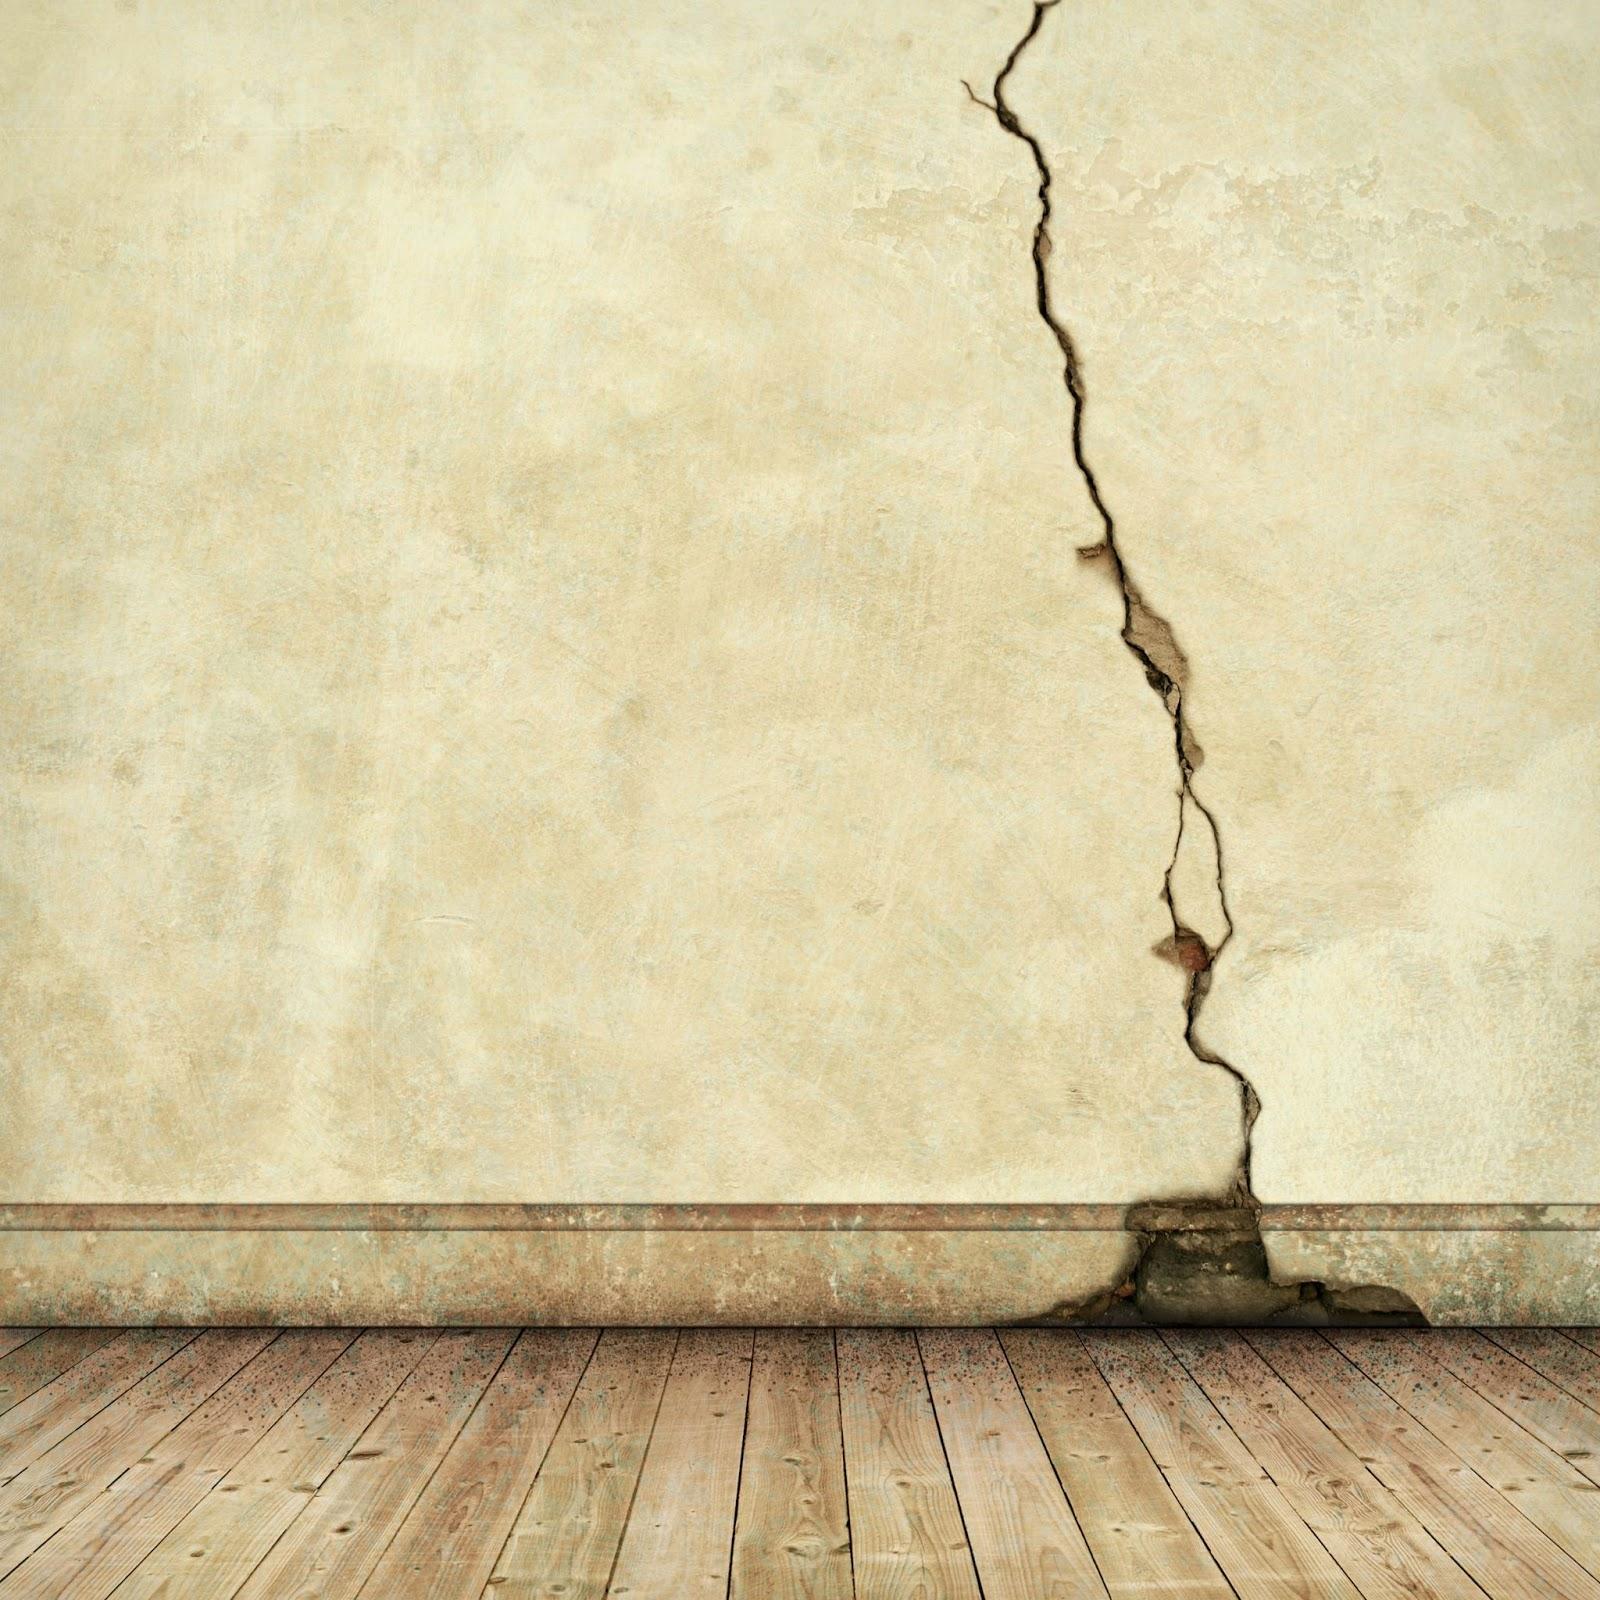 Sơn hiệu ứng Waldo-Hình ảnh minh họa tường bị nứt